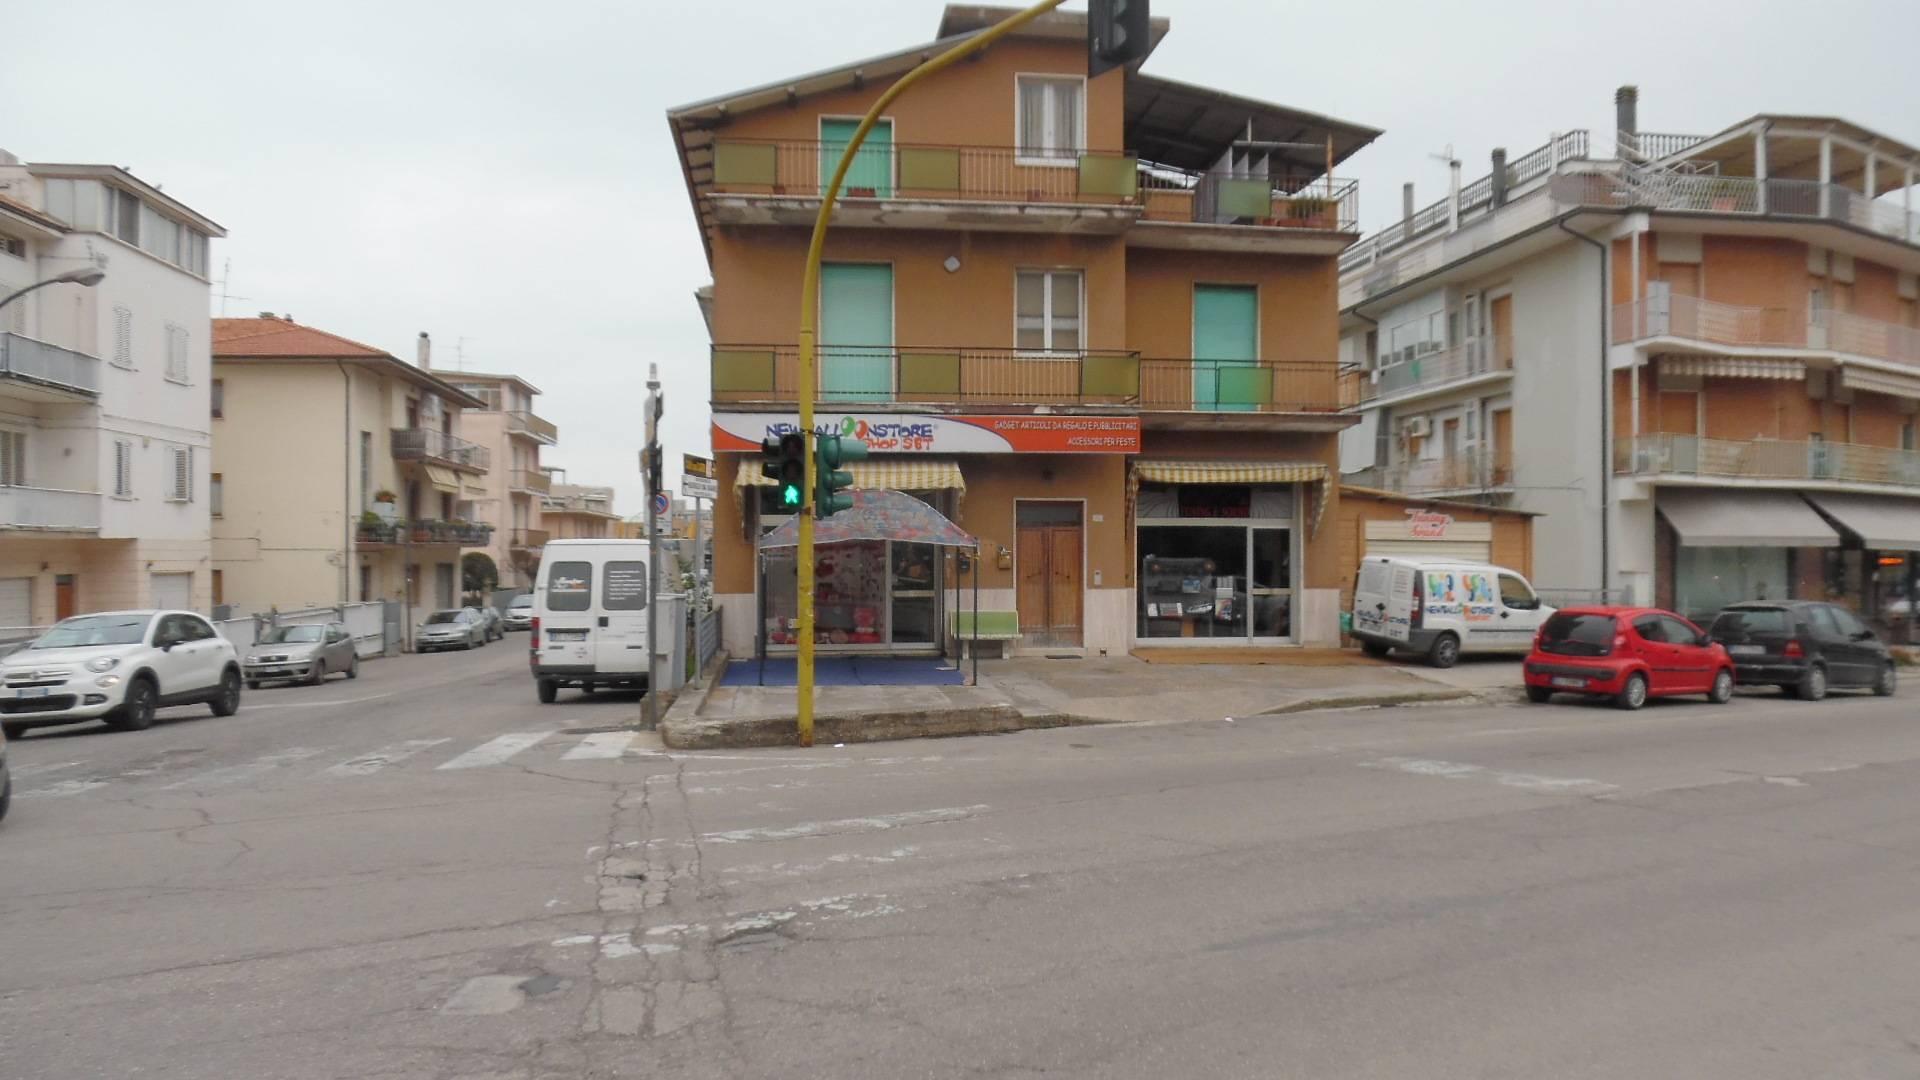 Negozio / Locale in vendita a San Benedetto del Tronto, 9999 locali, zona Località: PortodAscoli, Trattative riservate | Cambio Casa.it